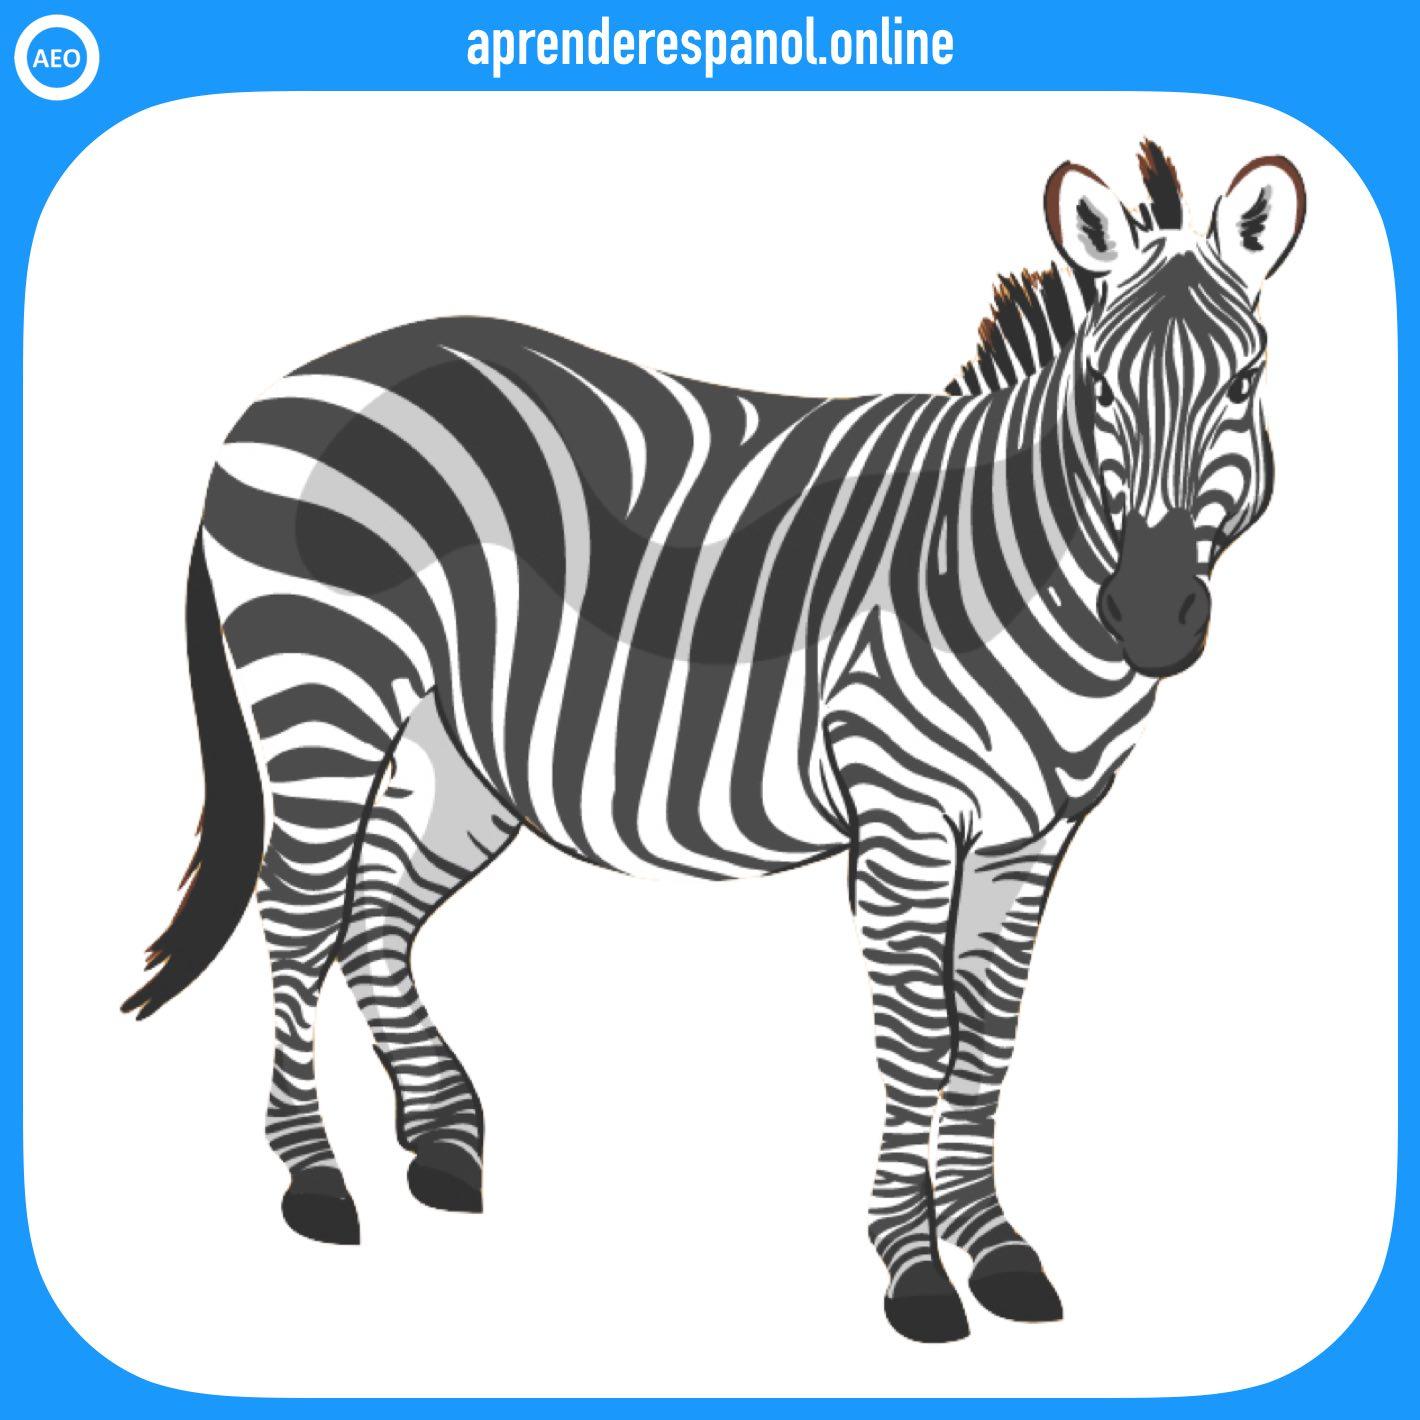 cebra | animales en español | vocabulario de los animales en español